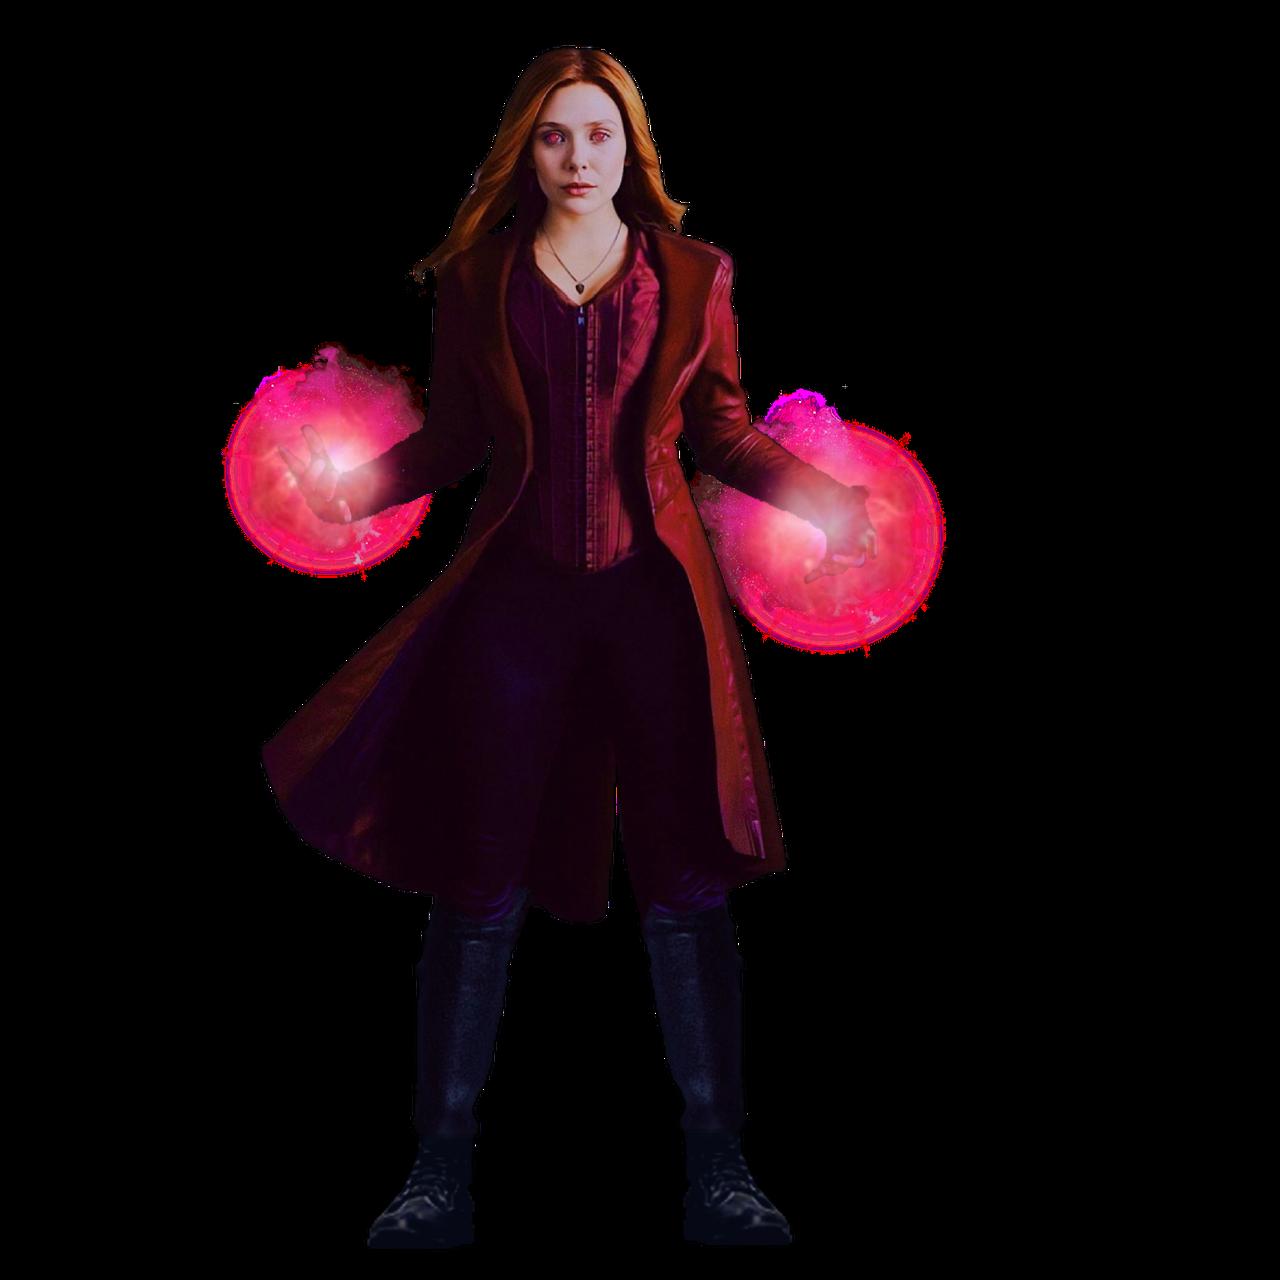 Endgame - Scarlet Witch (4) by sidewinder16 on DeviantArt